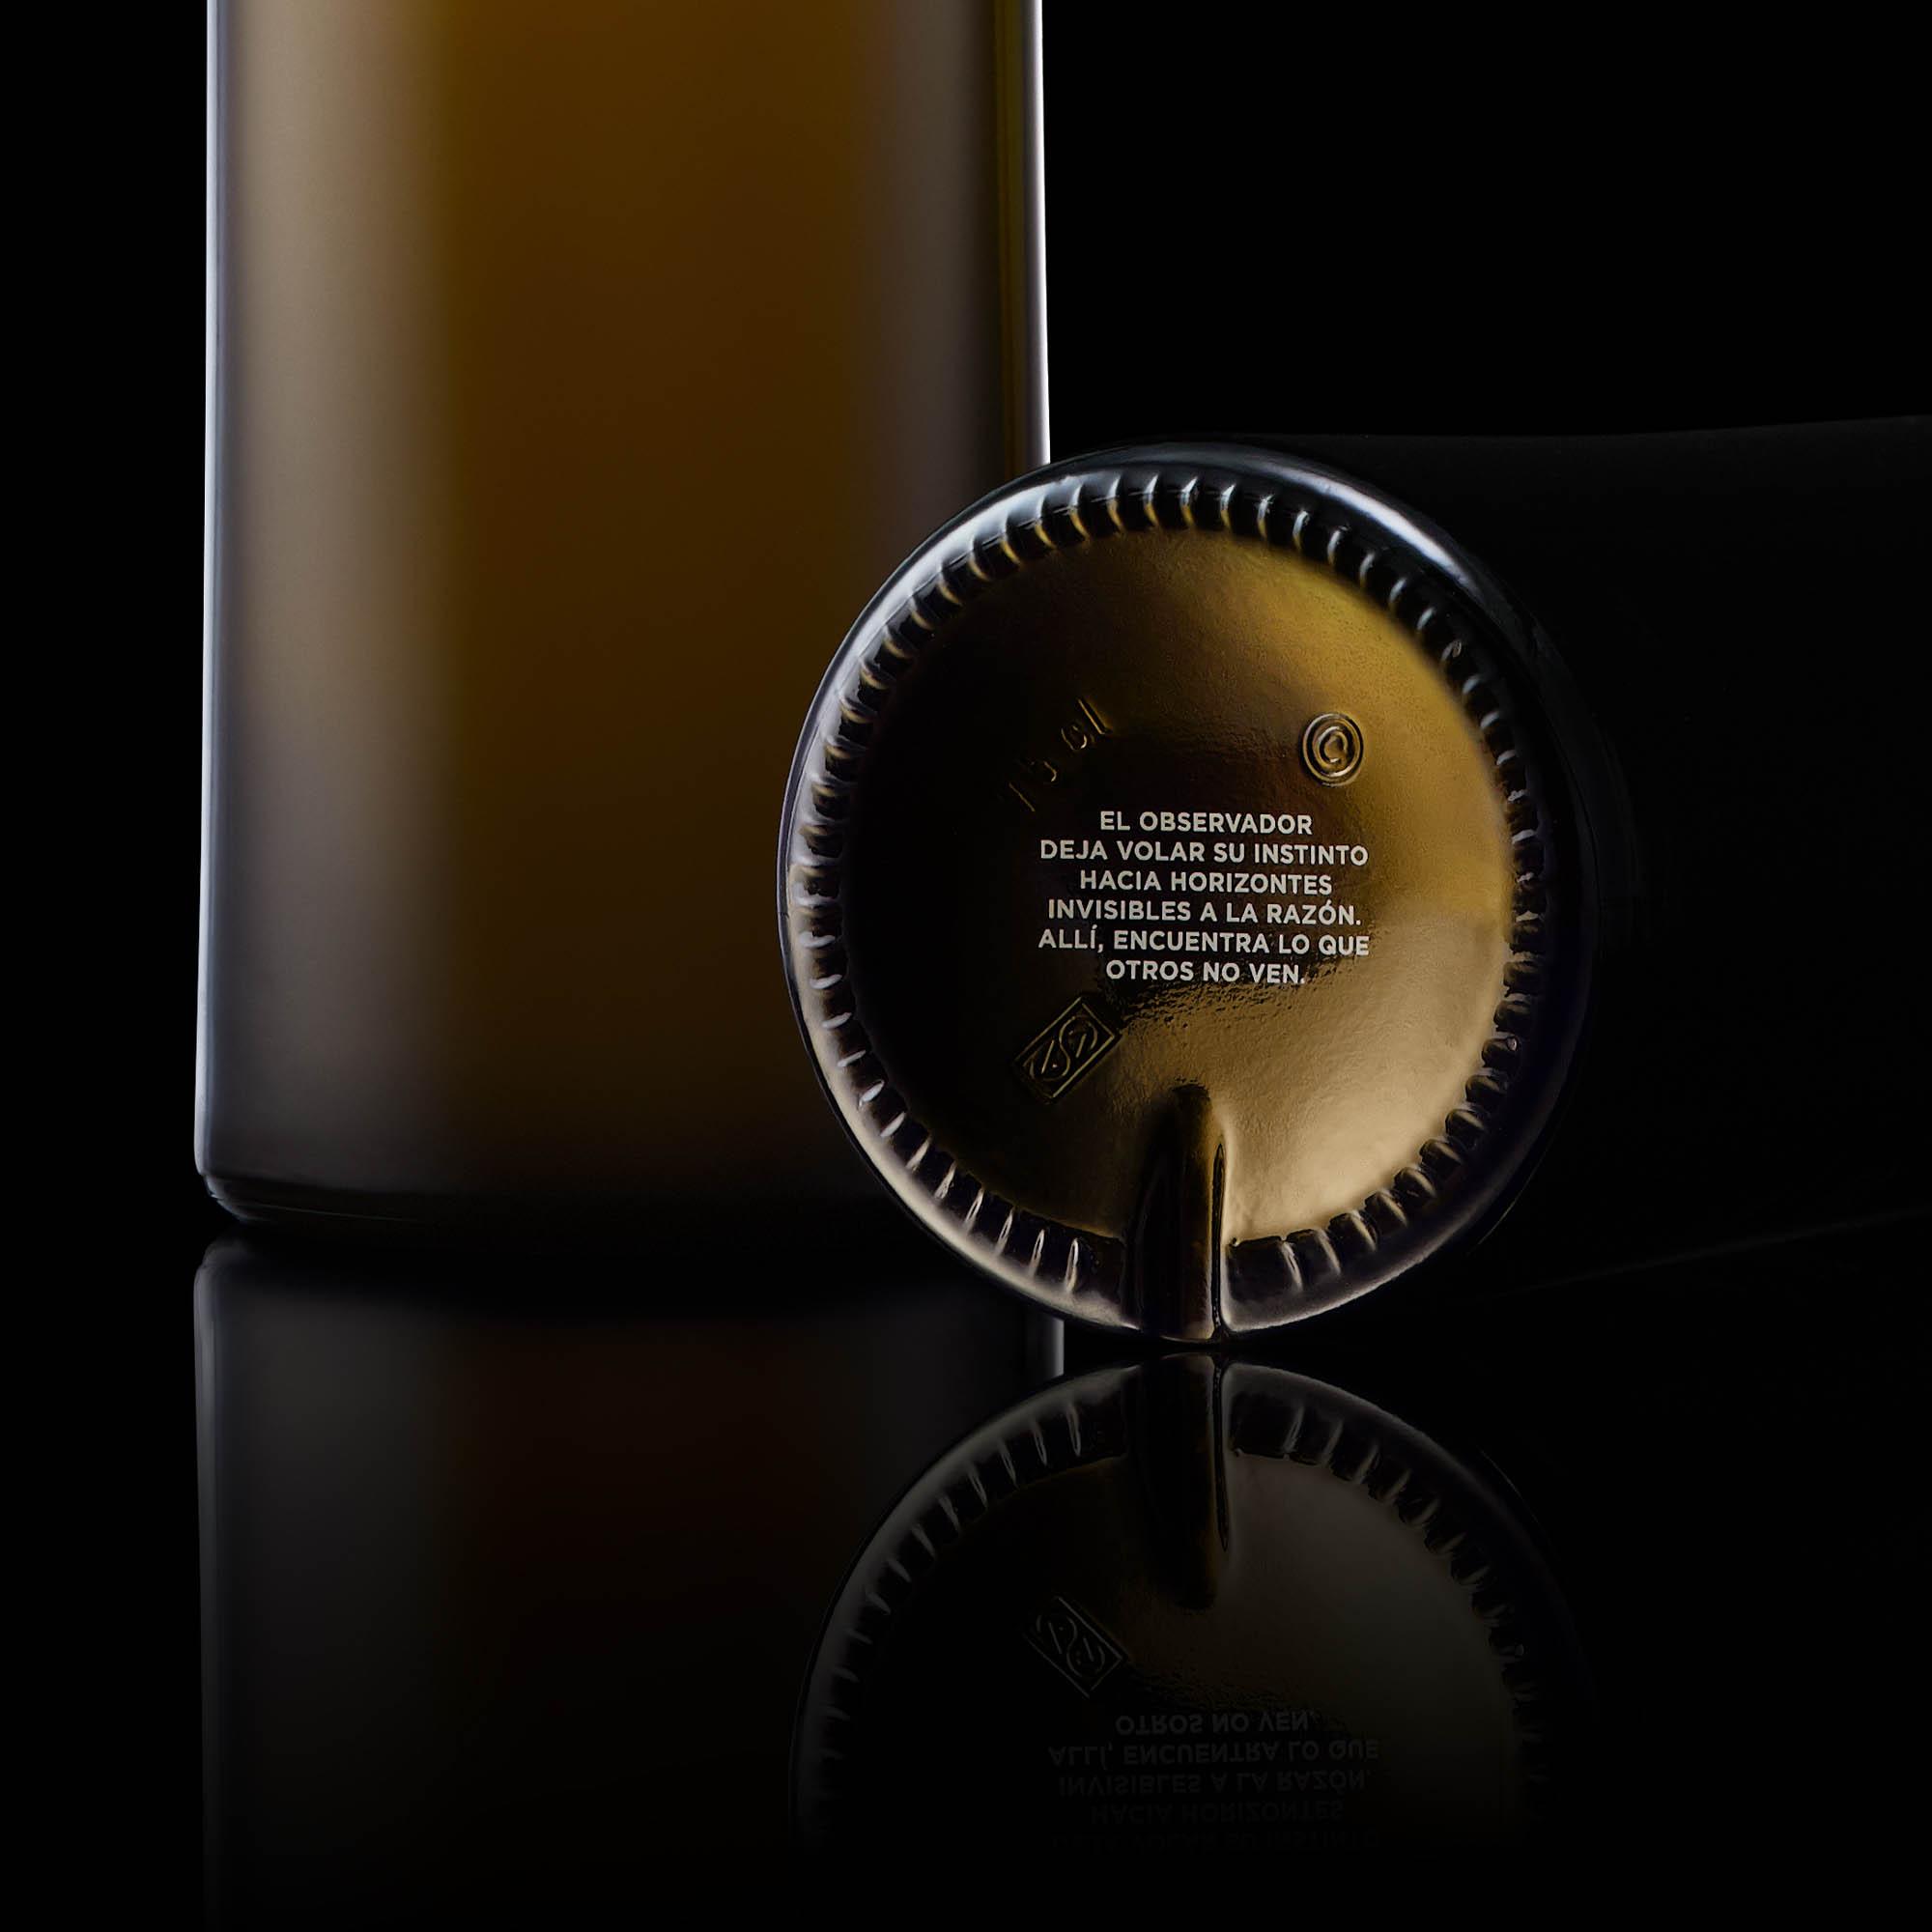 Premio-Laus-Roberto-nunez-packaging-Observador-Bodegas-Davide-02